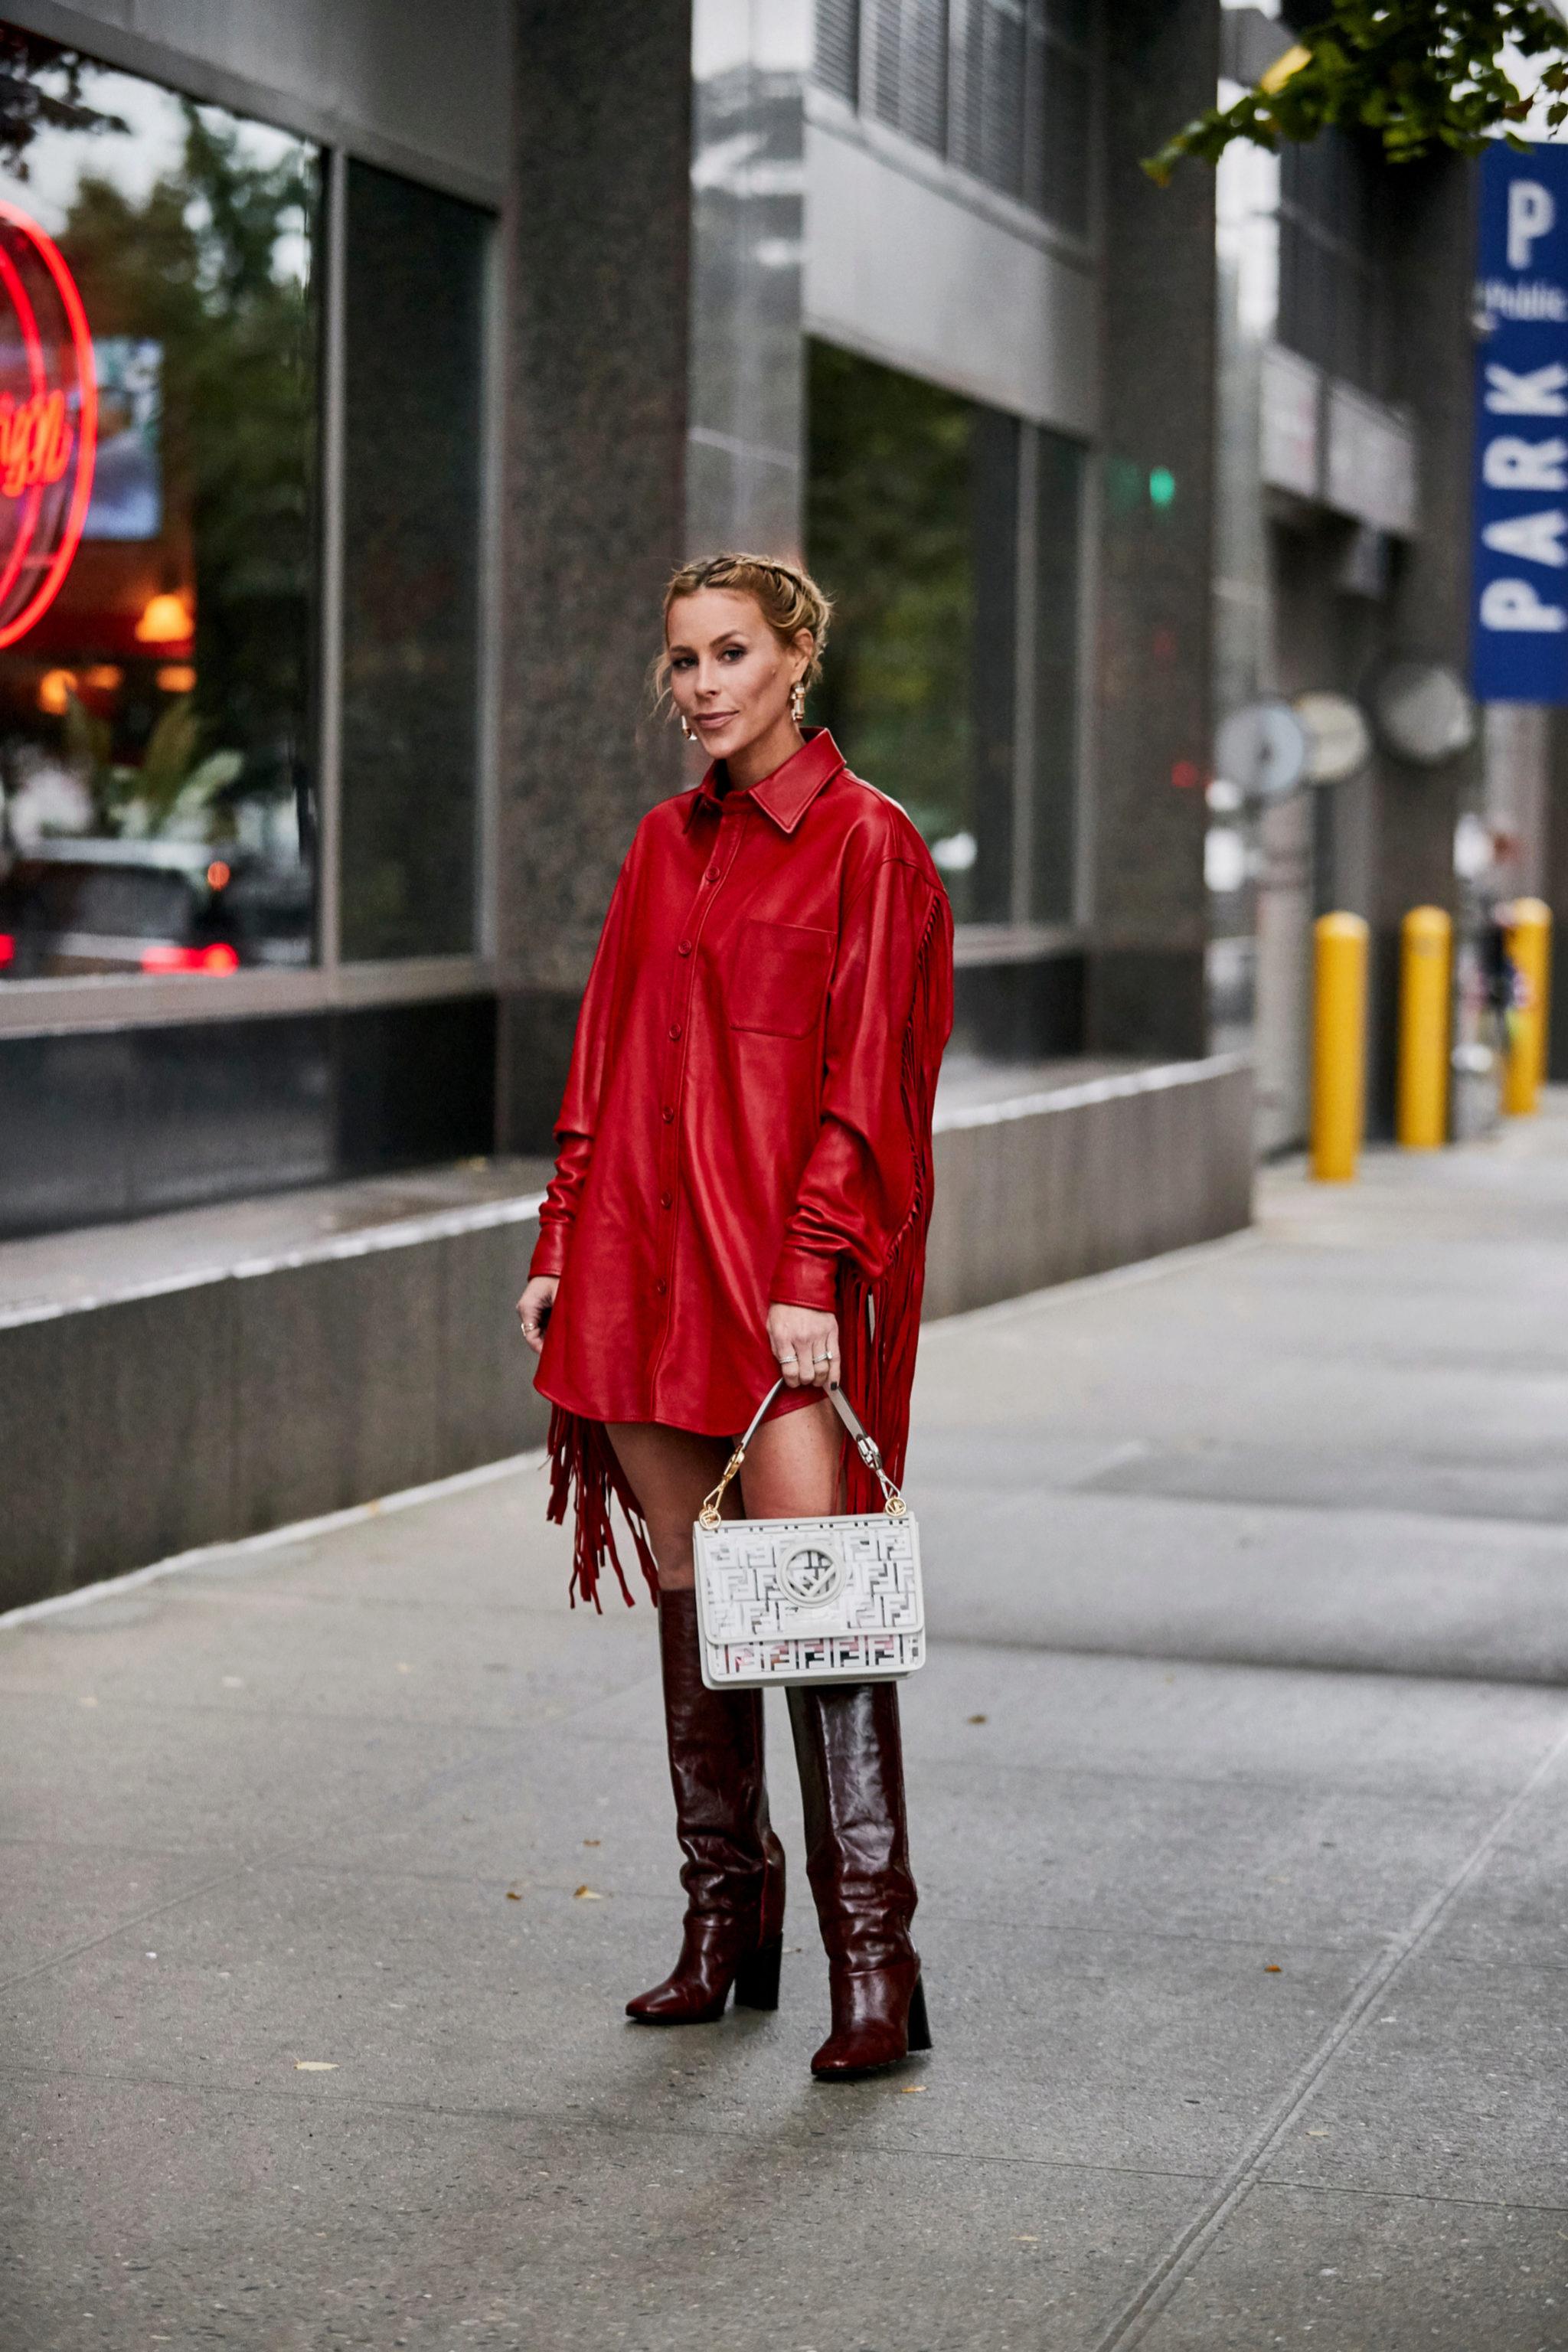 Cazadora de flecos en rojo con unas botas de piel en marrón chocolate por las calles de Nueva York